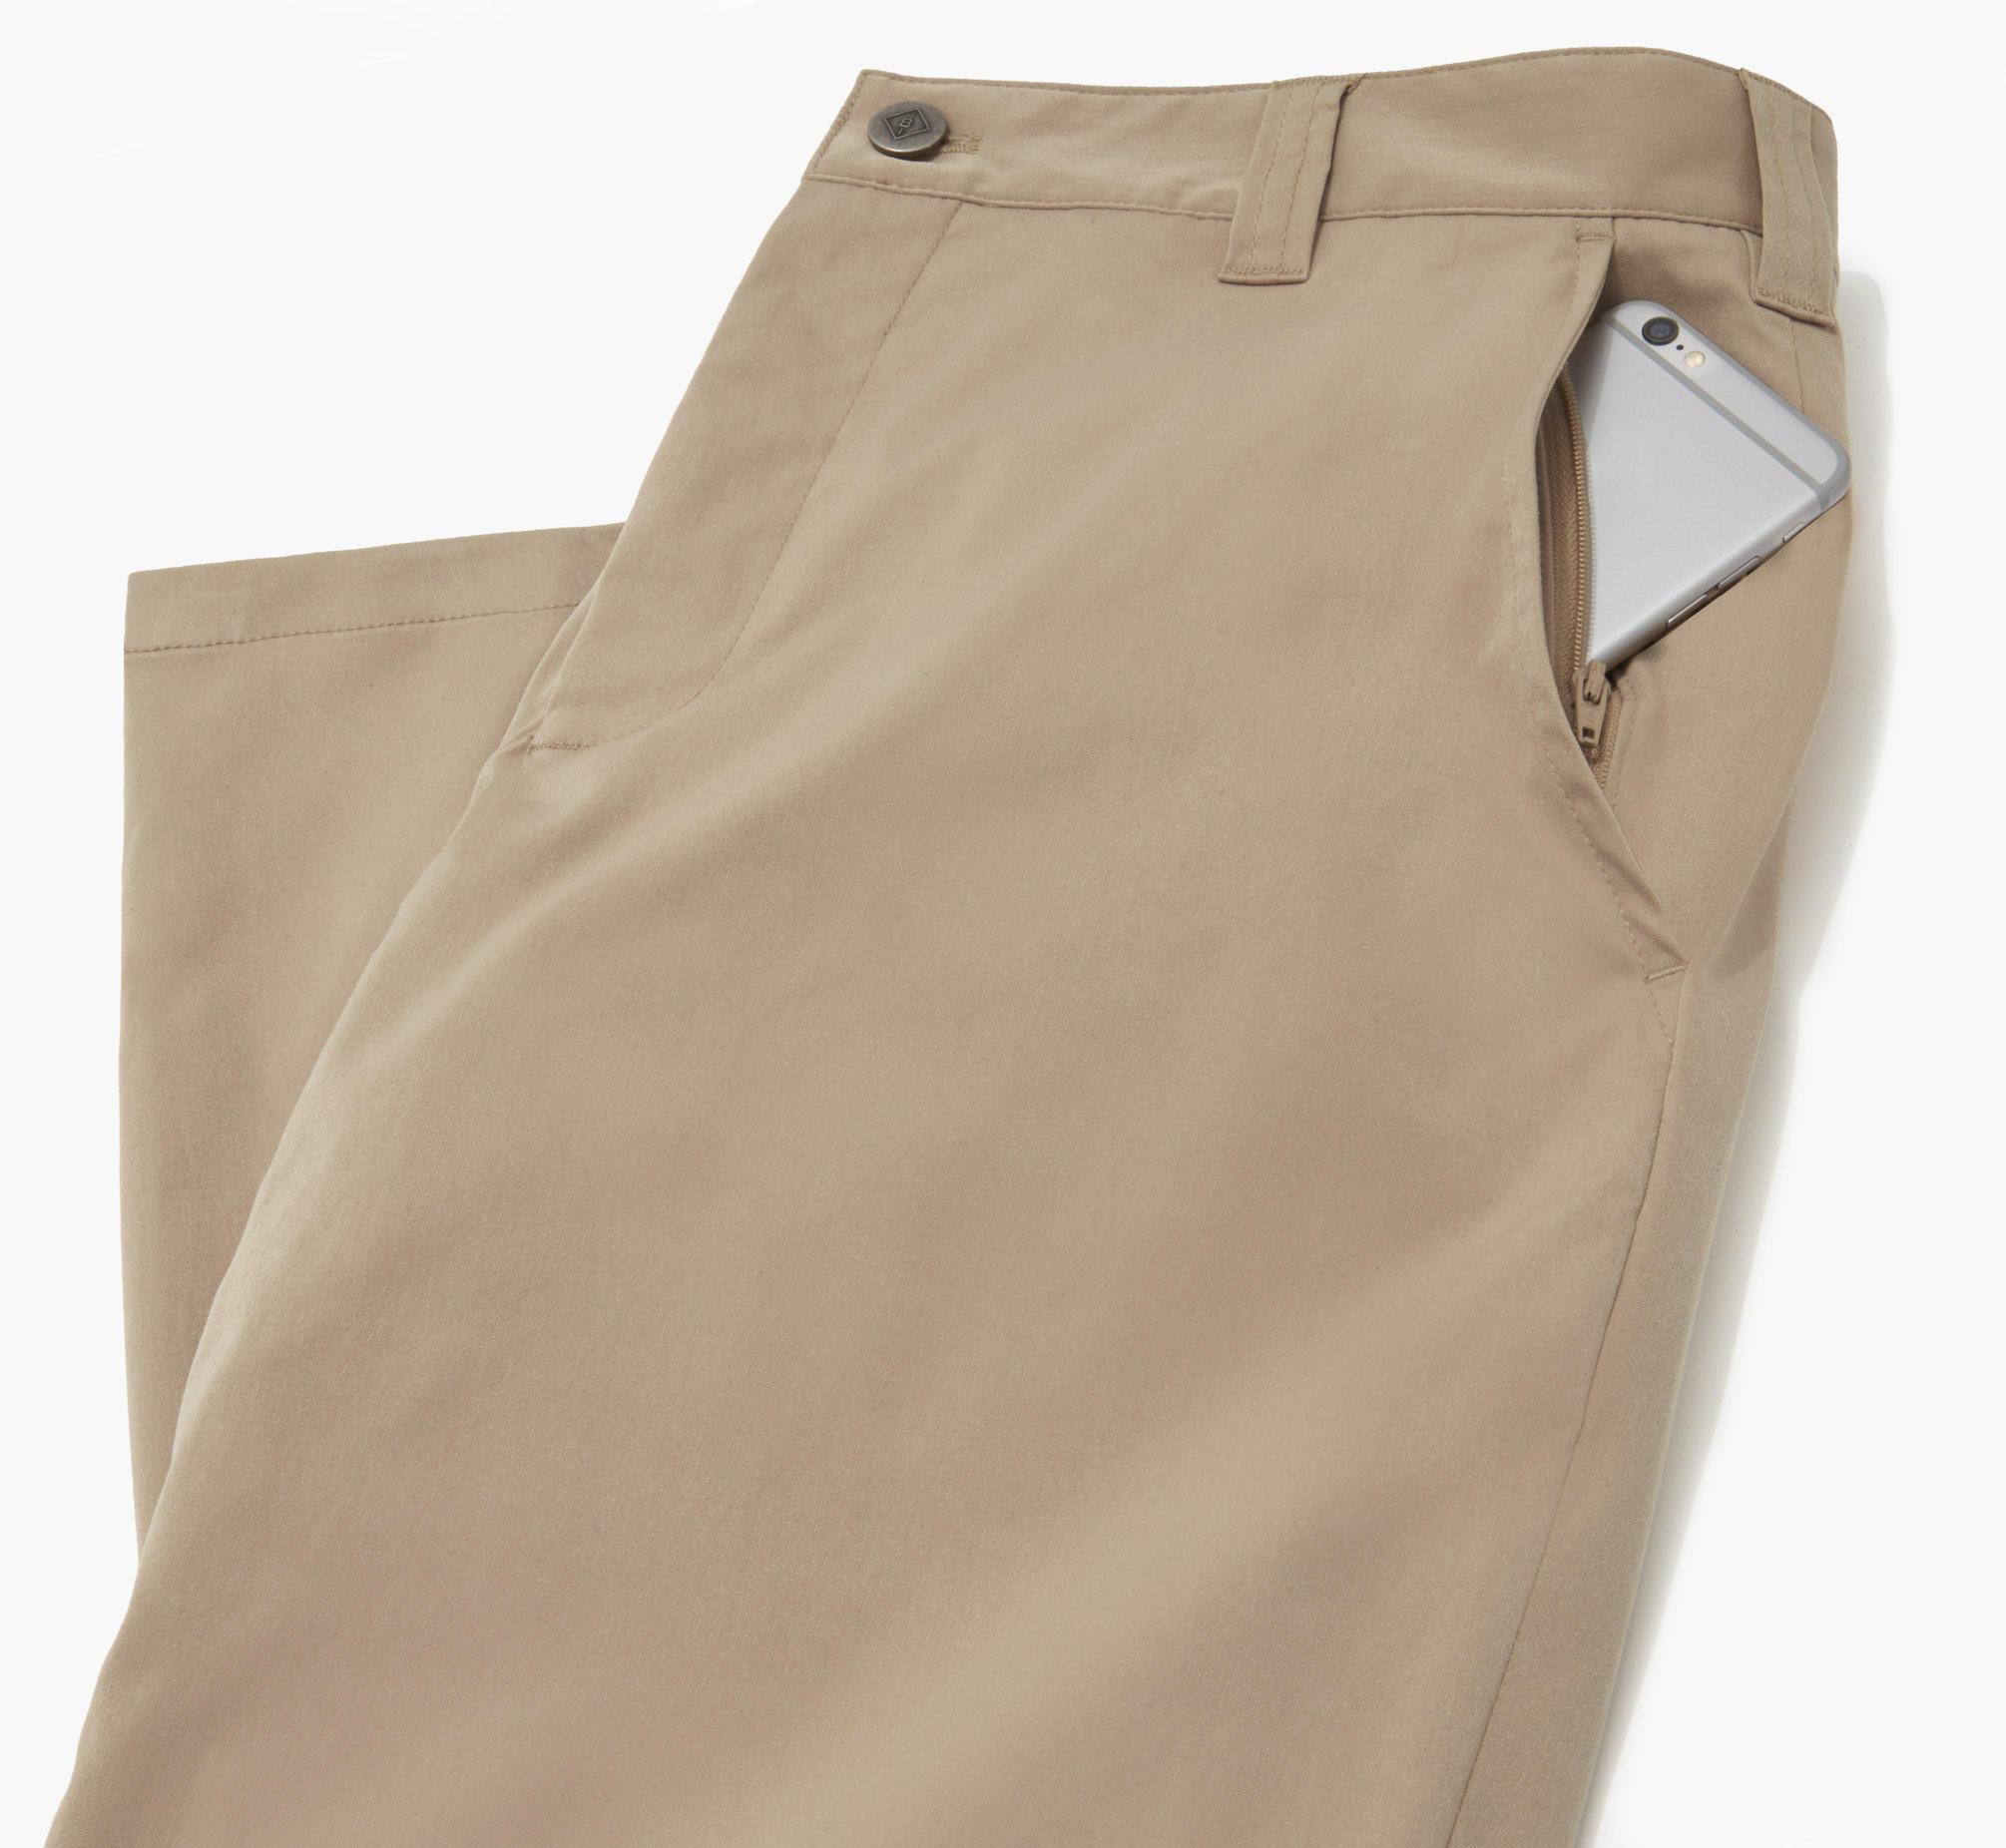 Zip front pocket